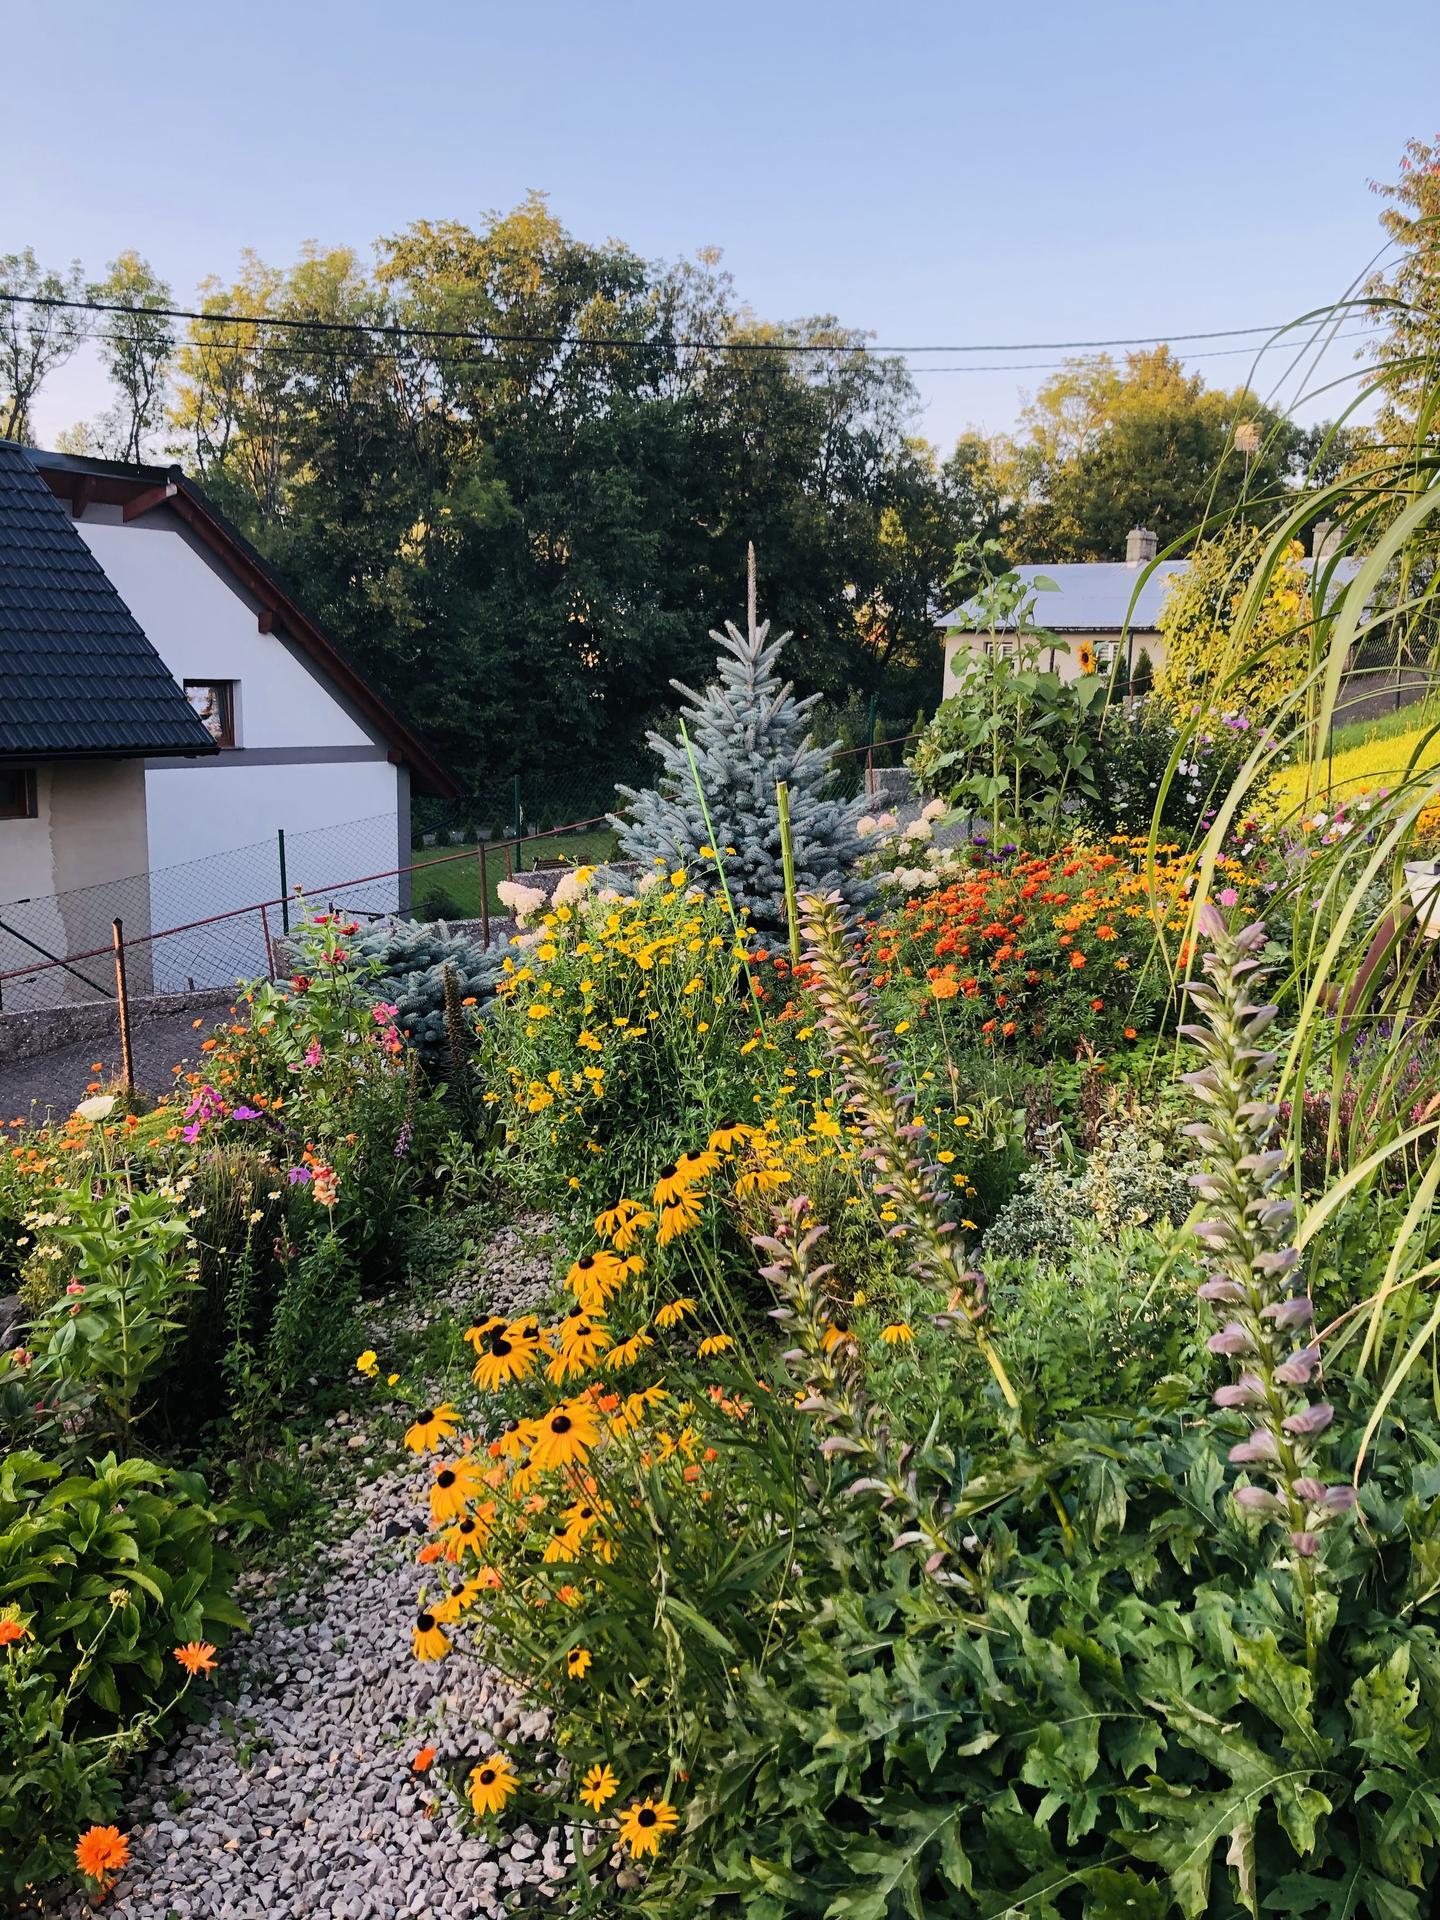 U nás doma a na zahradě 2021 - Obrázek č. 91